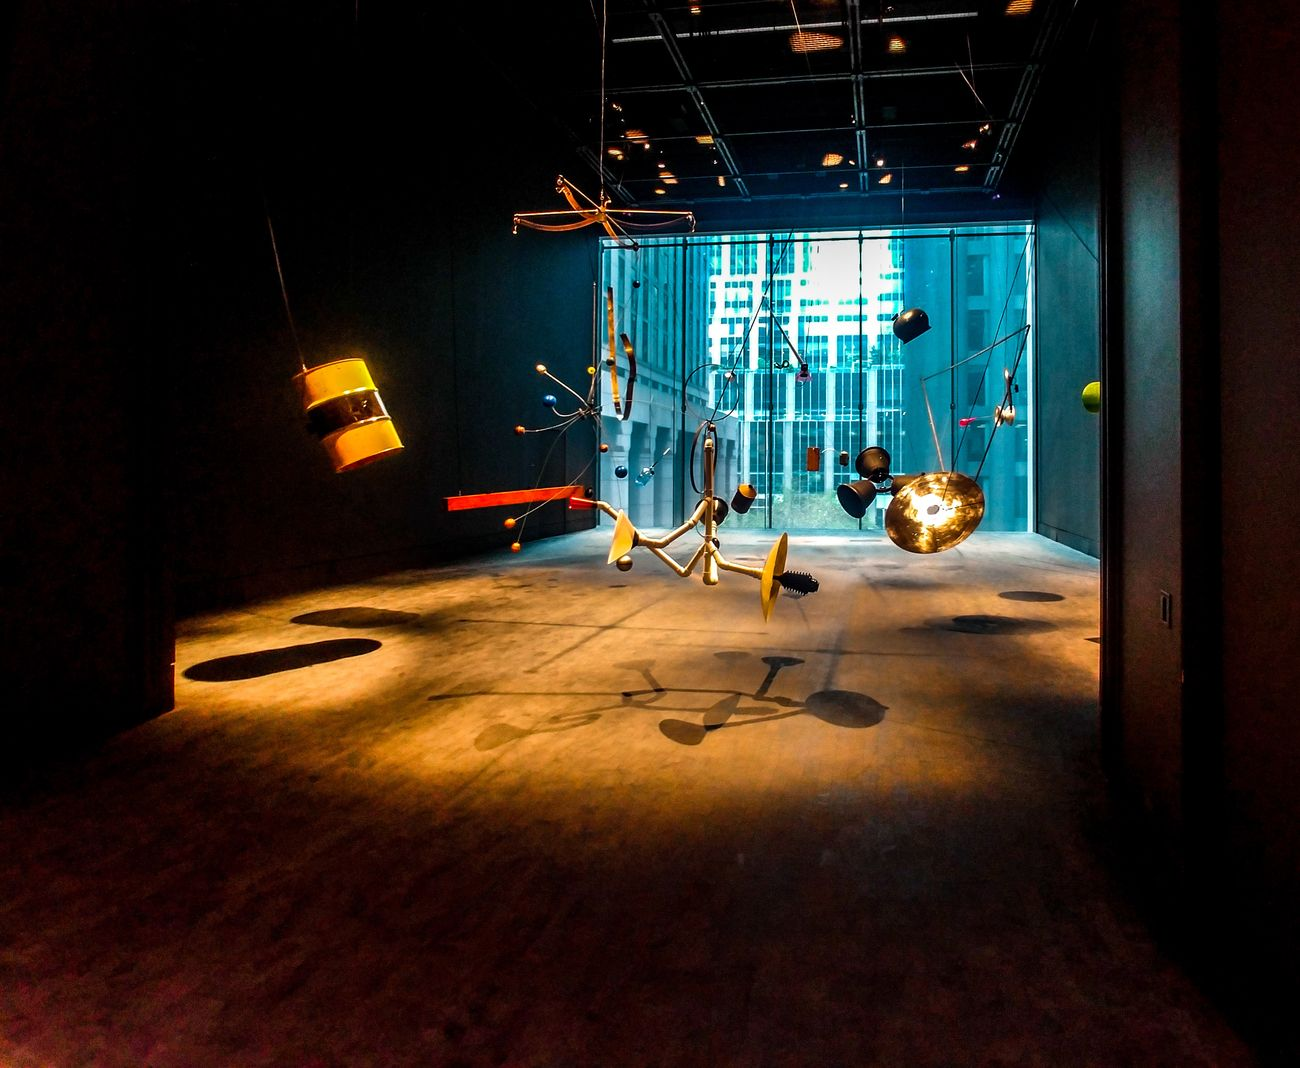 MoMA, New York. Il nuovo Studio dedicato alle arti performative ospita Rainforest (Variation 1) (1973–2015), installazione sonora con materiali di scarto, ideata da David Tudor. Photo Maurita Cardone